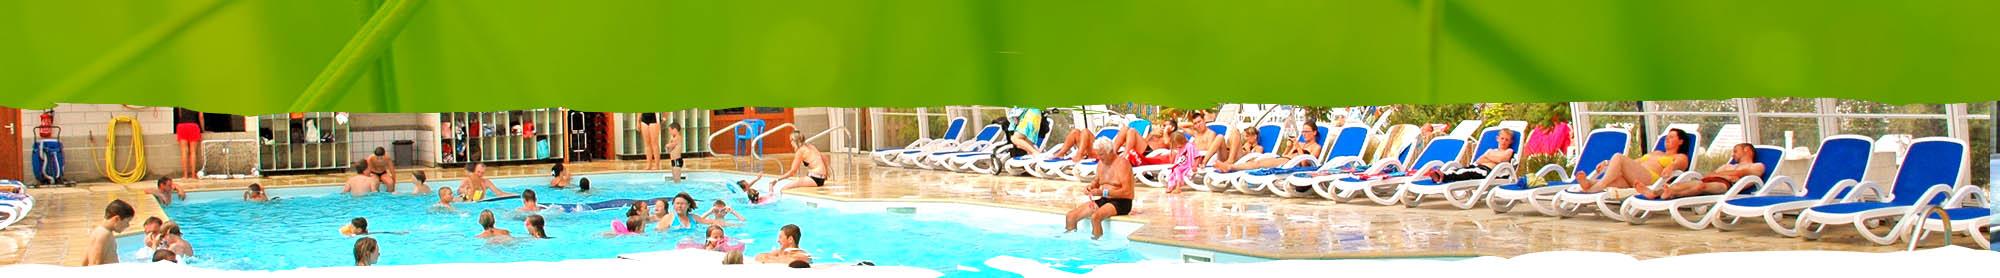 Hotels nord pas de calais piscine for Piscine pas de calais